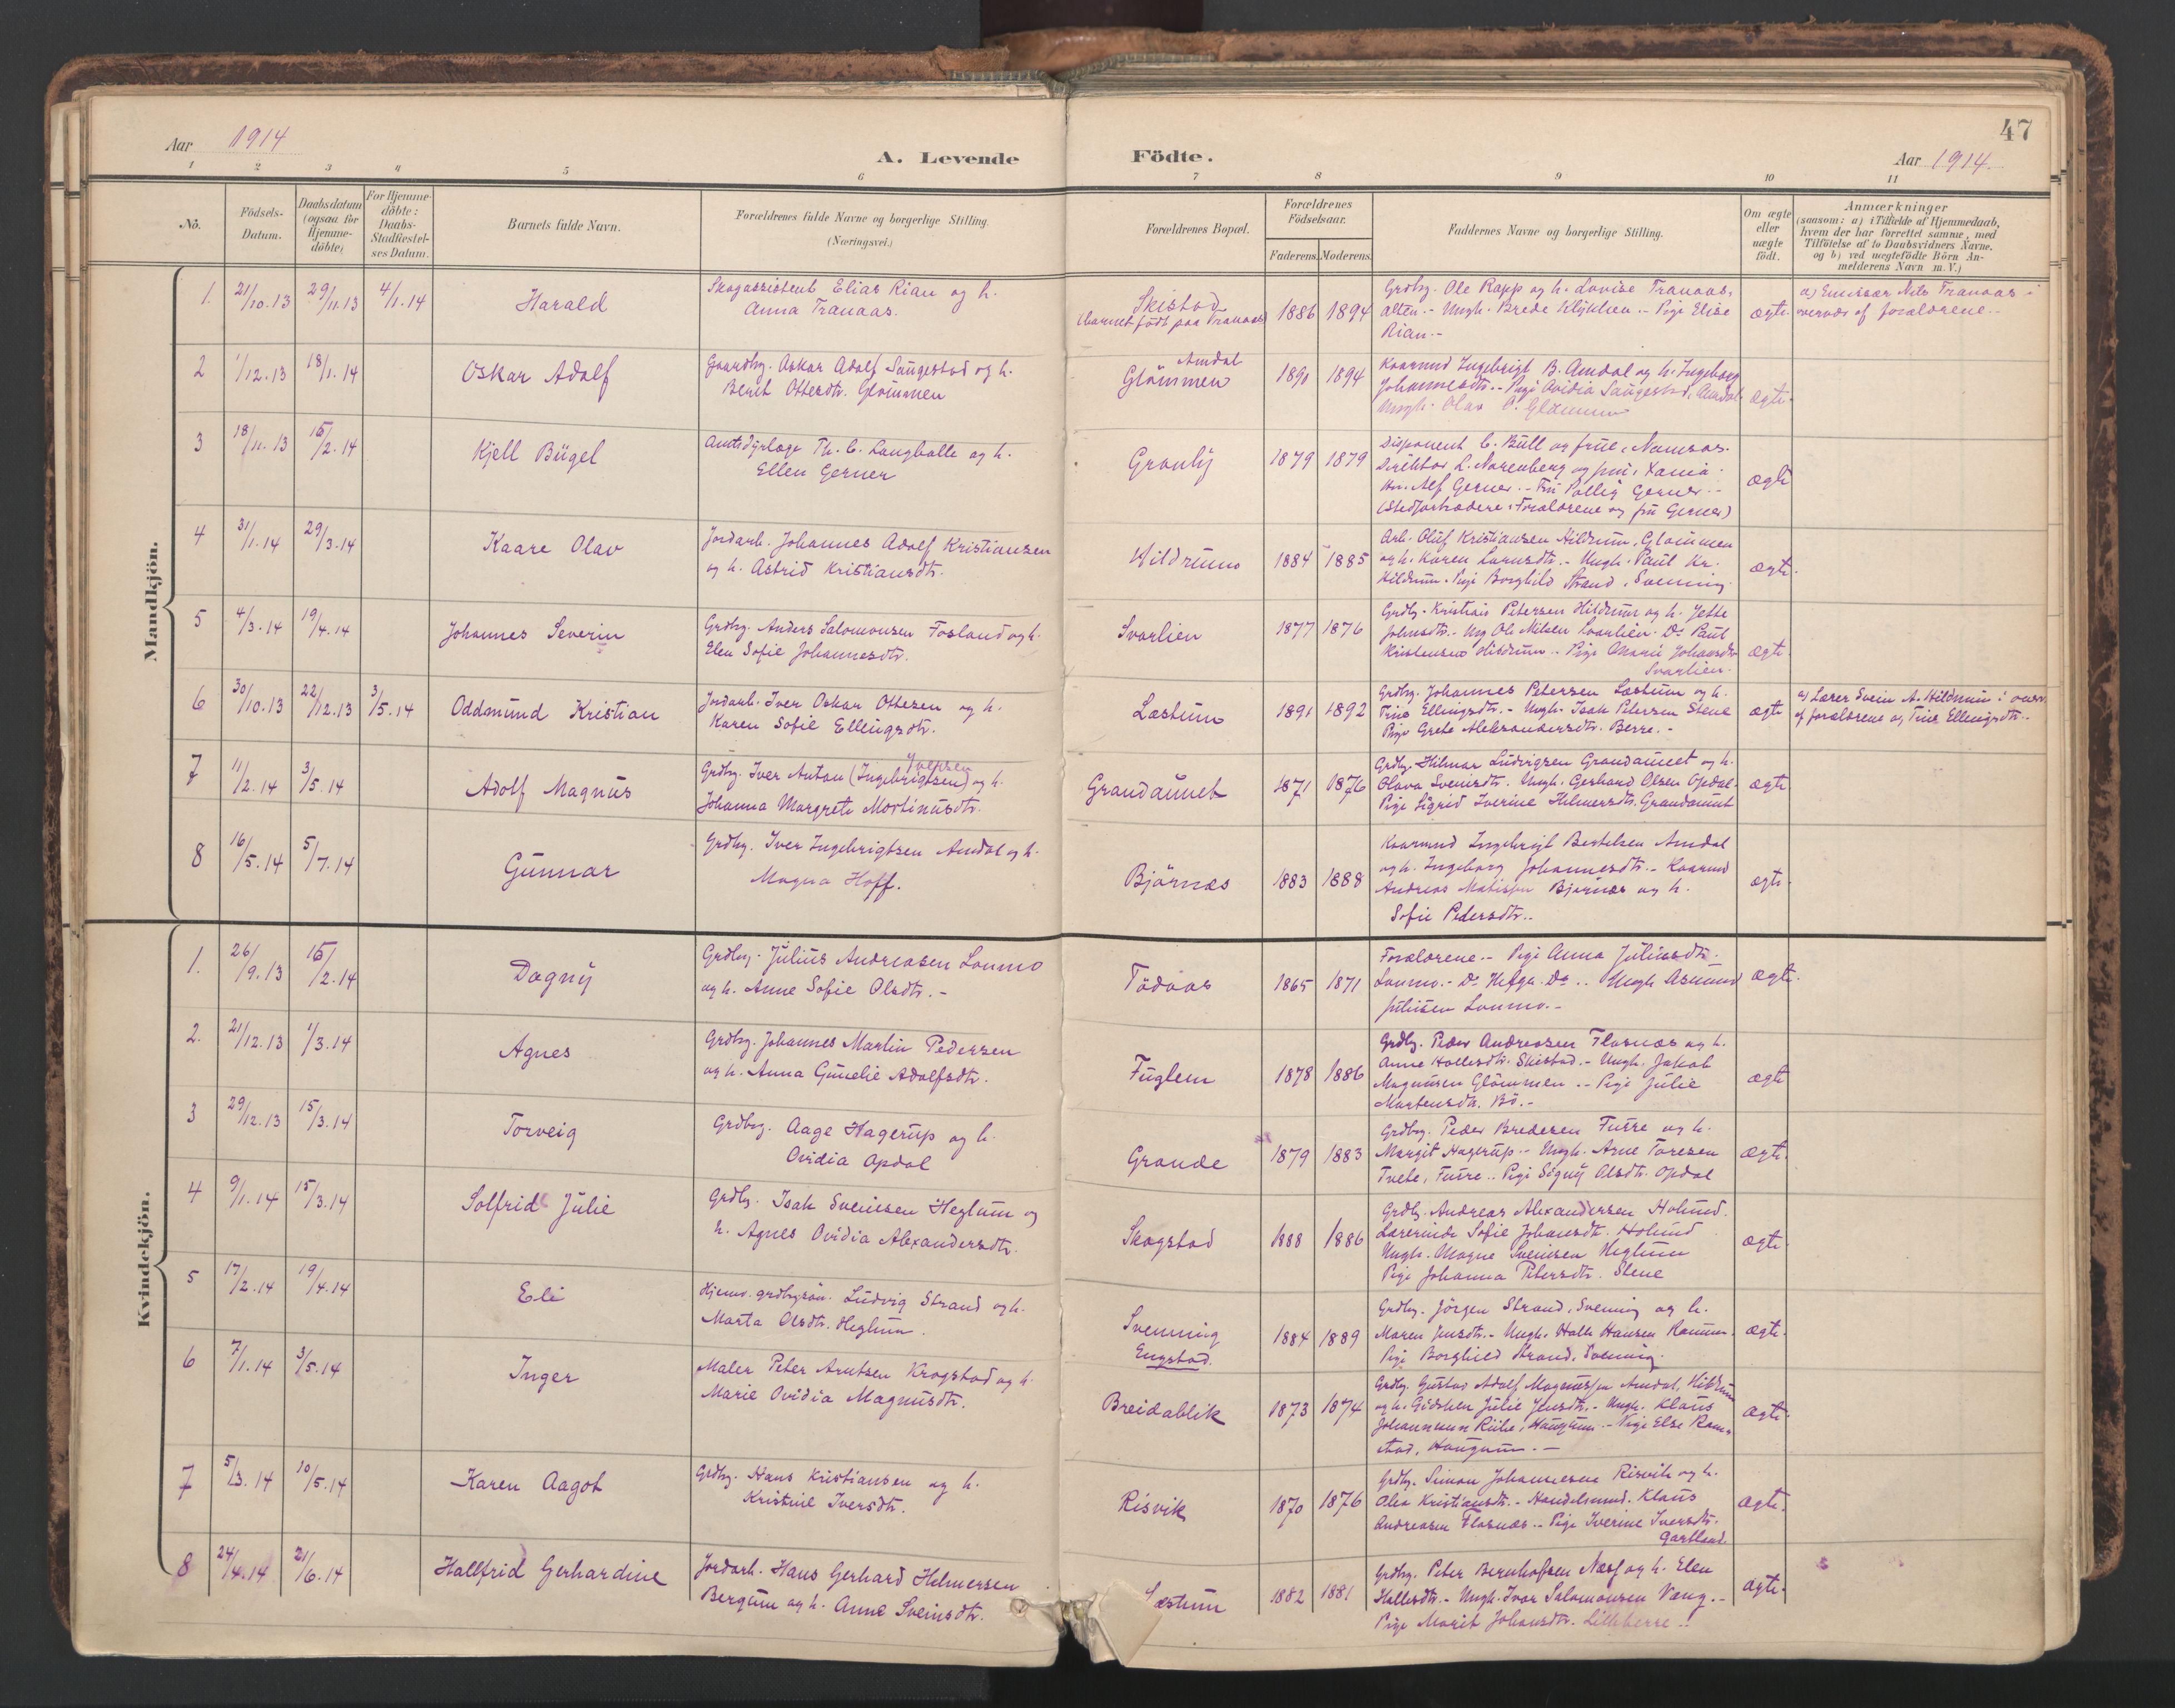 SAT, Ministerialprotokoller, klokkerbøker og fødselsregistre - Nord-Trøndelag, 764/L0556: Ministerialbok nr. 764A11, 1897-1924, s. 47